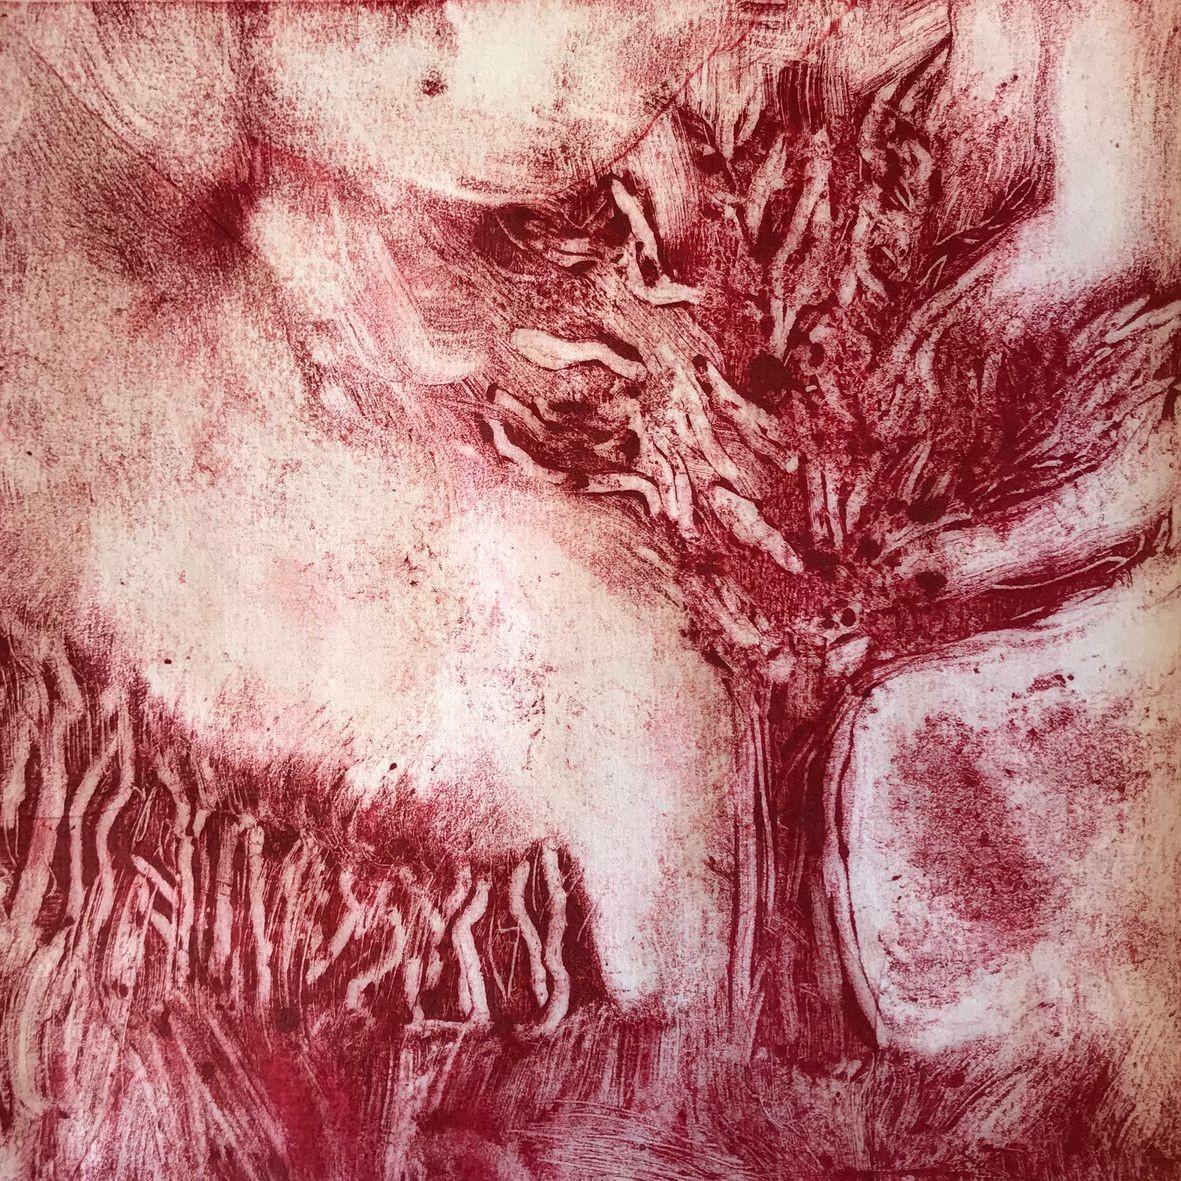 Franc oise arbre 1 monotype 03 2020